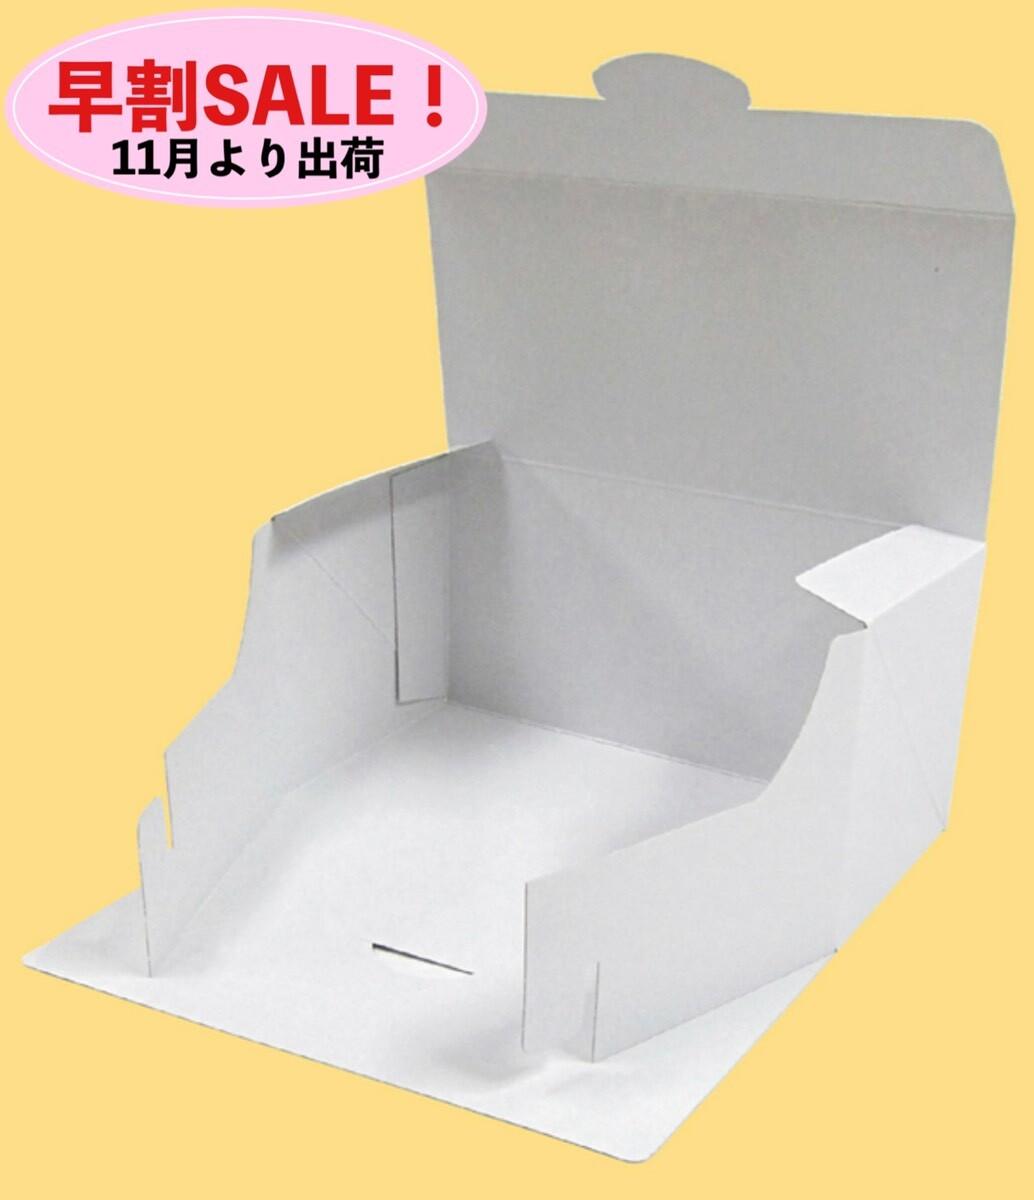 画像1: 【Xmas早期割引20%OFF】★11月より出荷分★ユウロールBOXボックス@1つ38.50円→30.80円 (1)